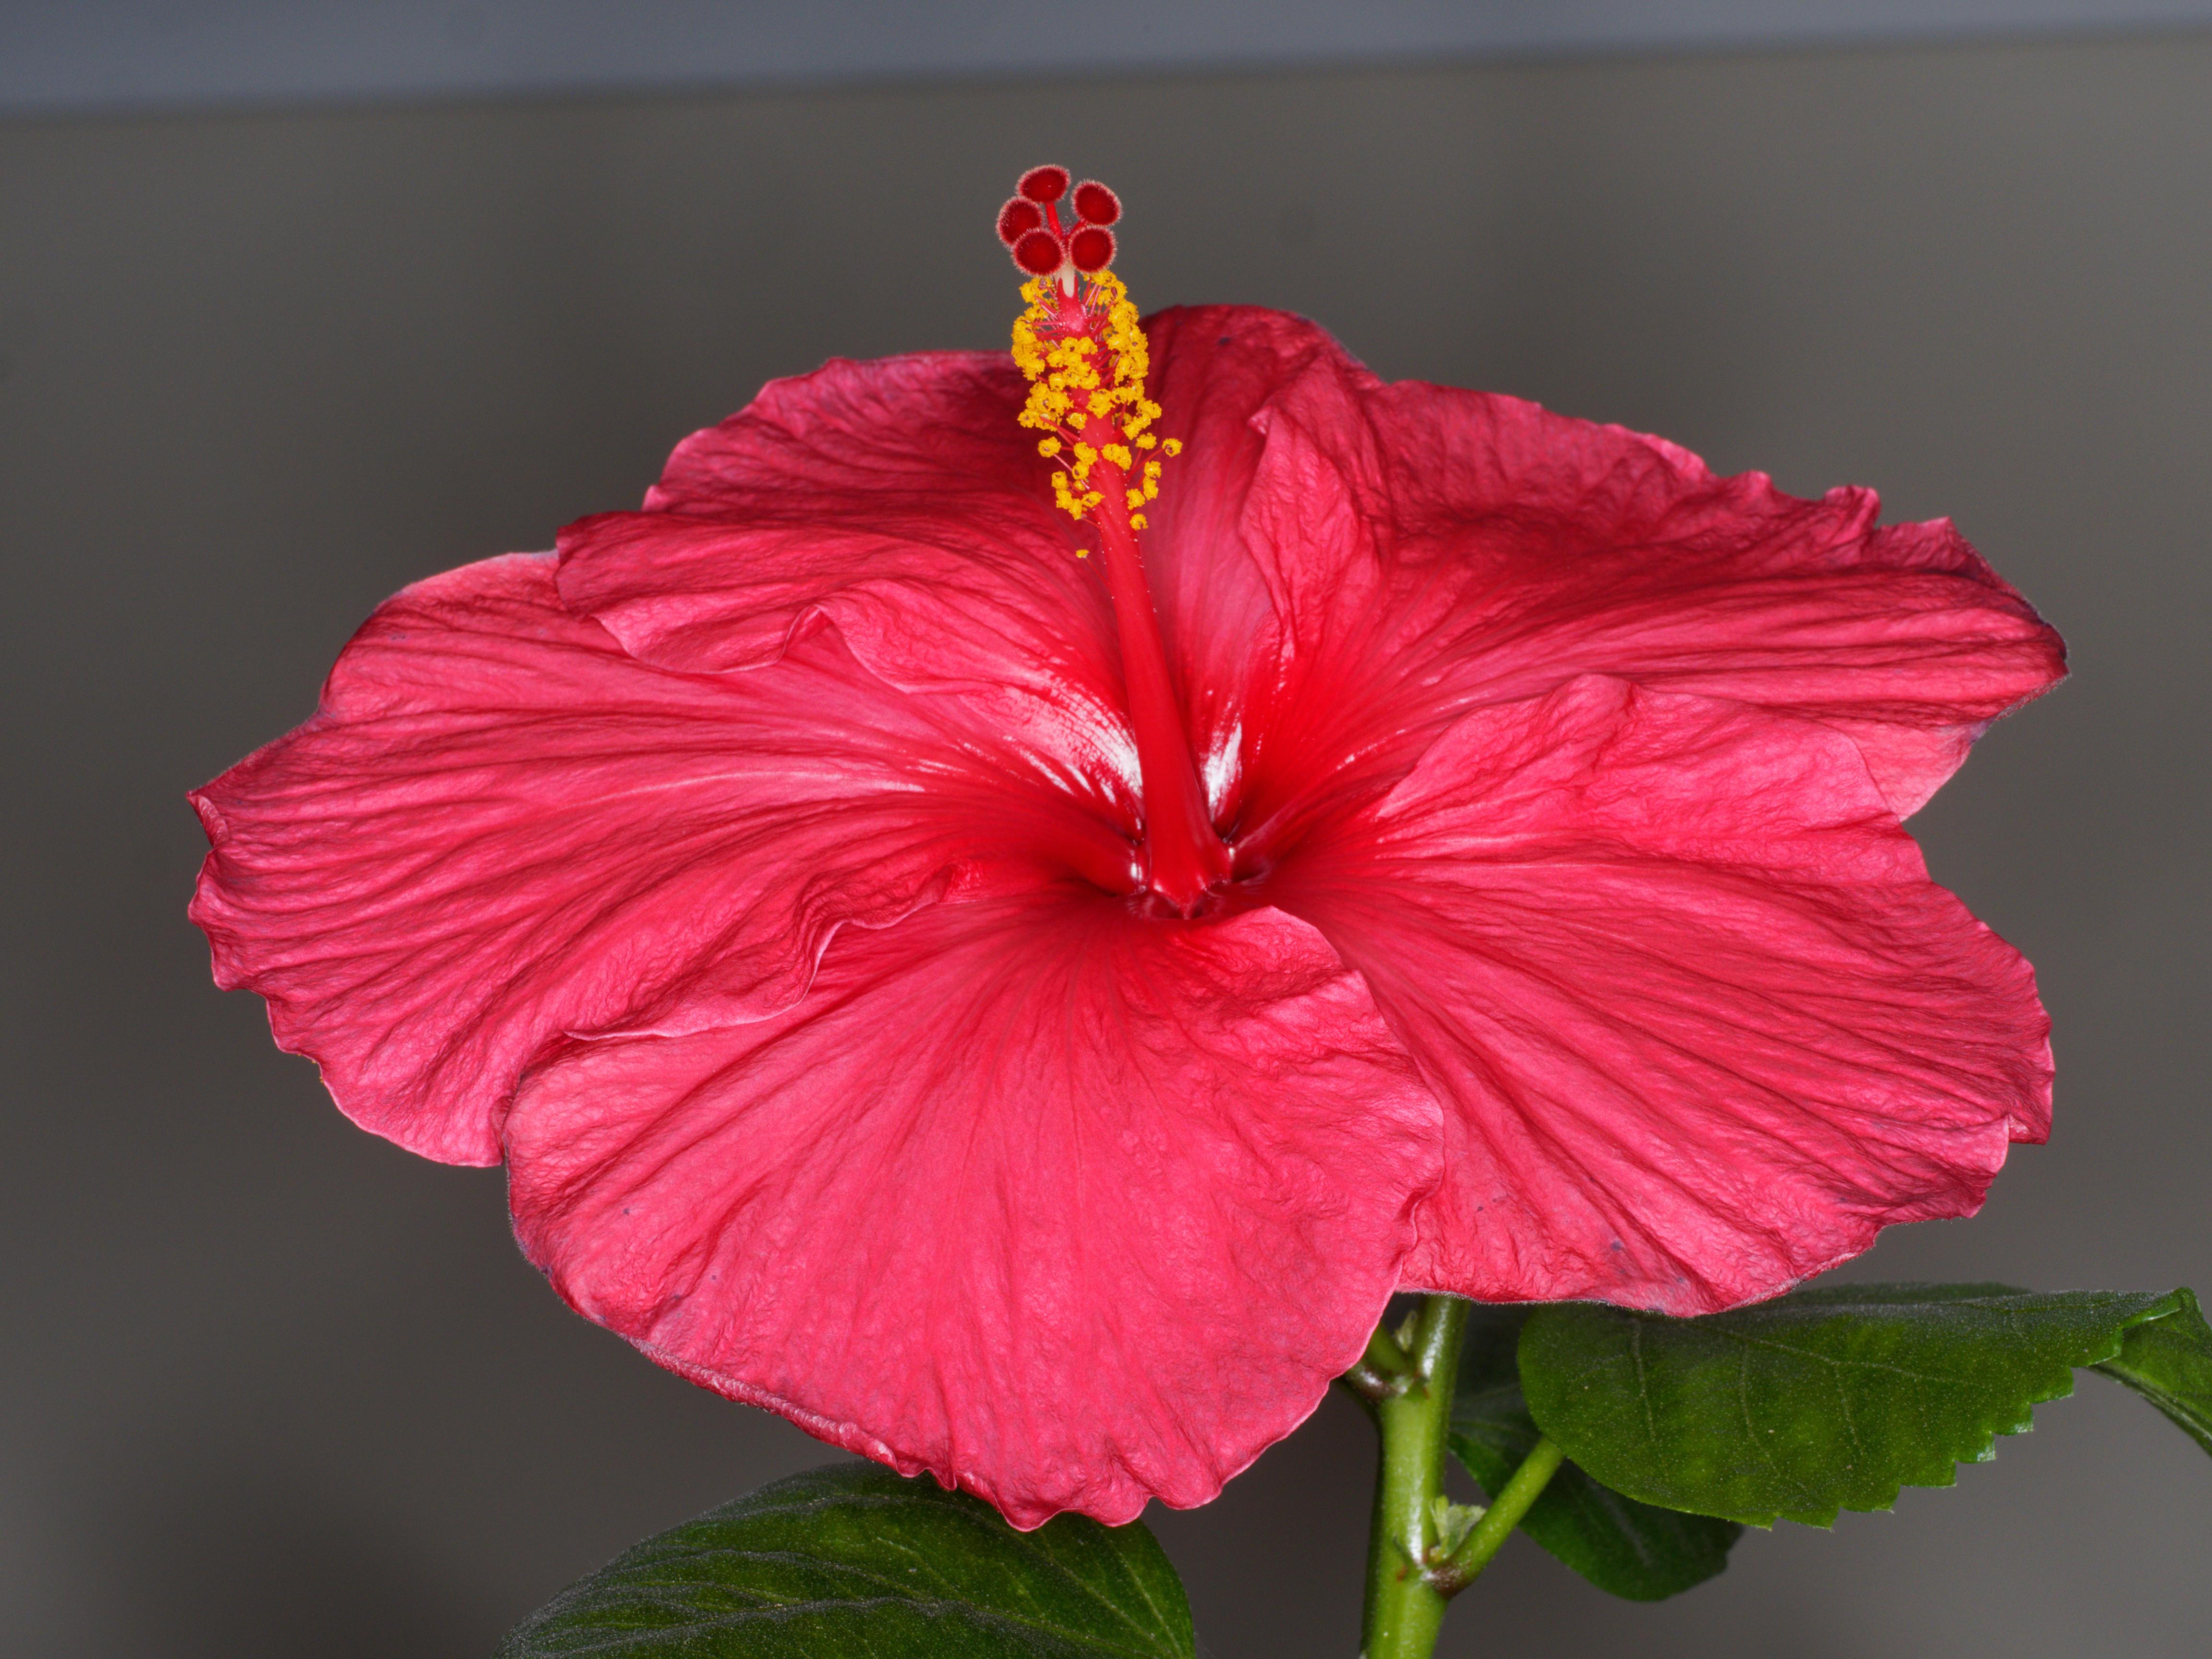 Hibiscus-Viltrox-4.jpeg